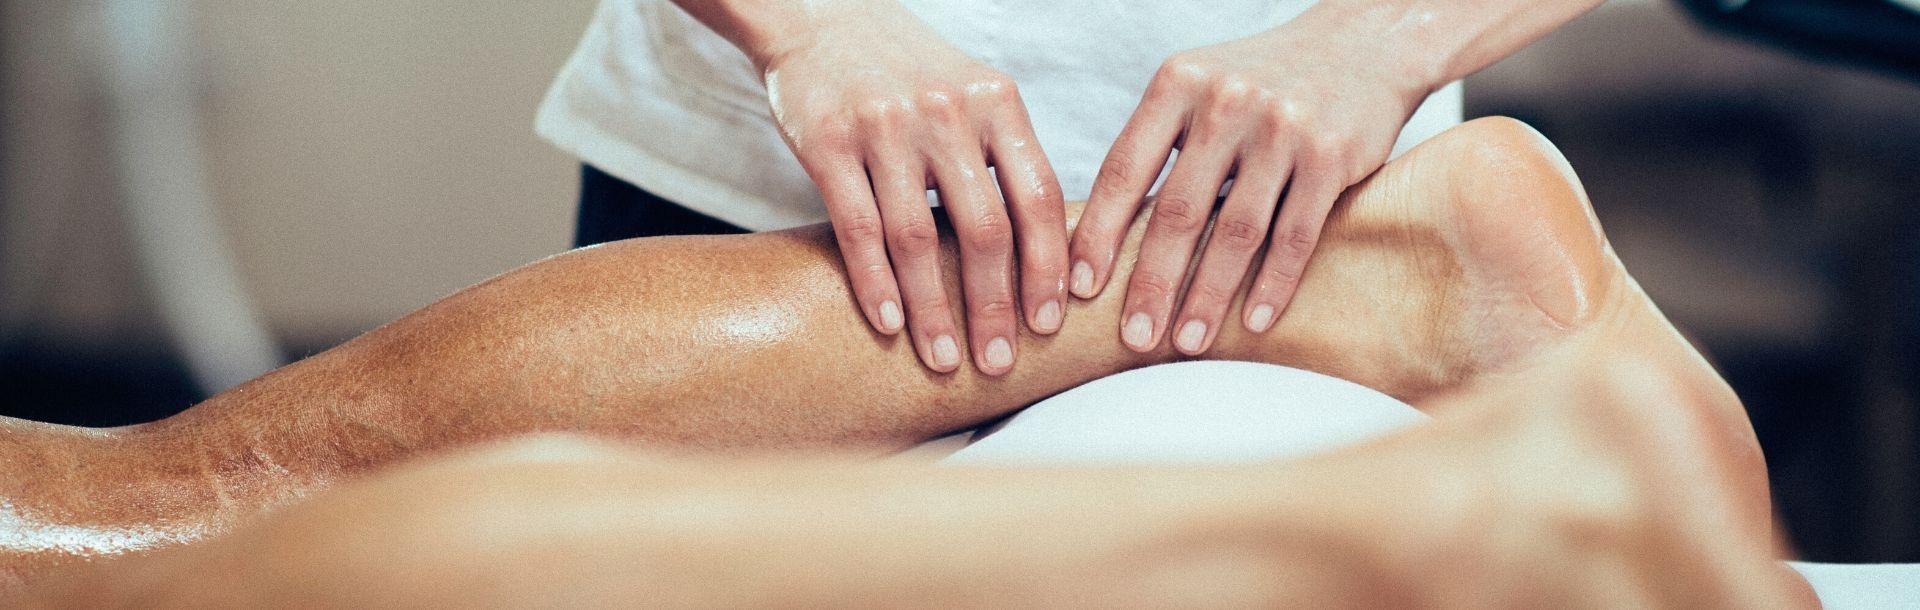 crunch articulații ale picioarelor cum să se trateze anemie de deficit articular